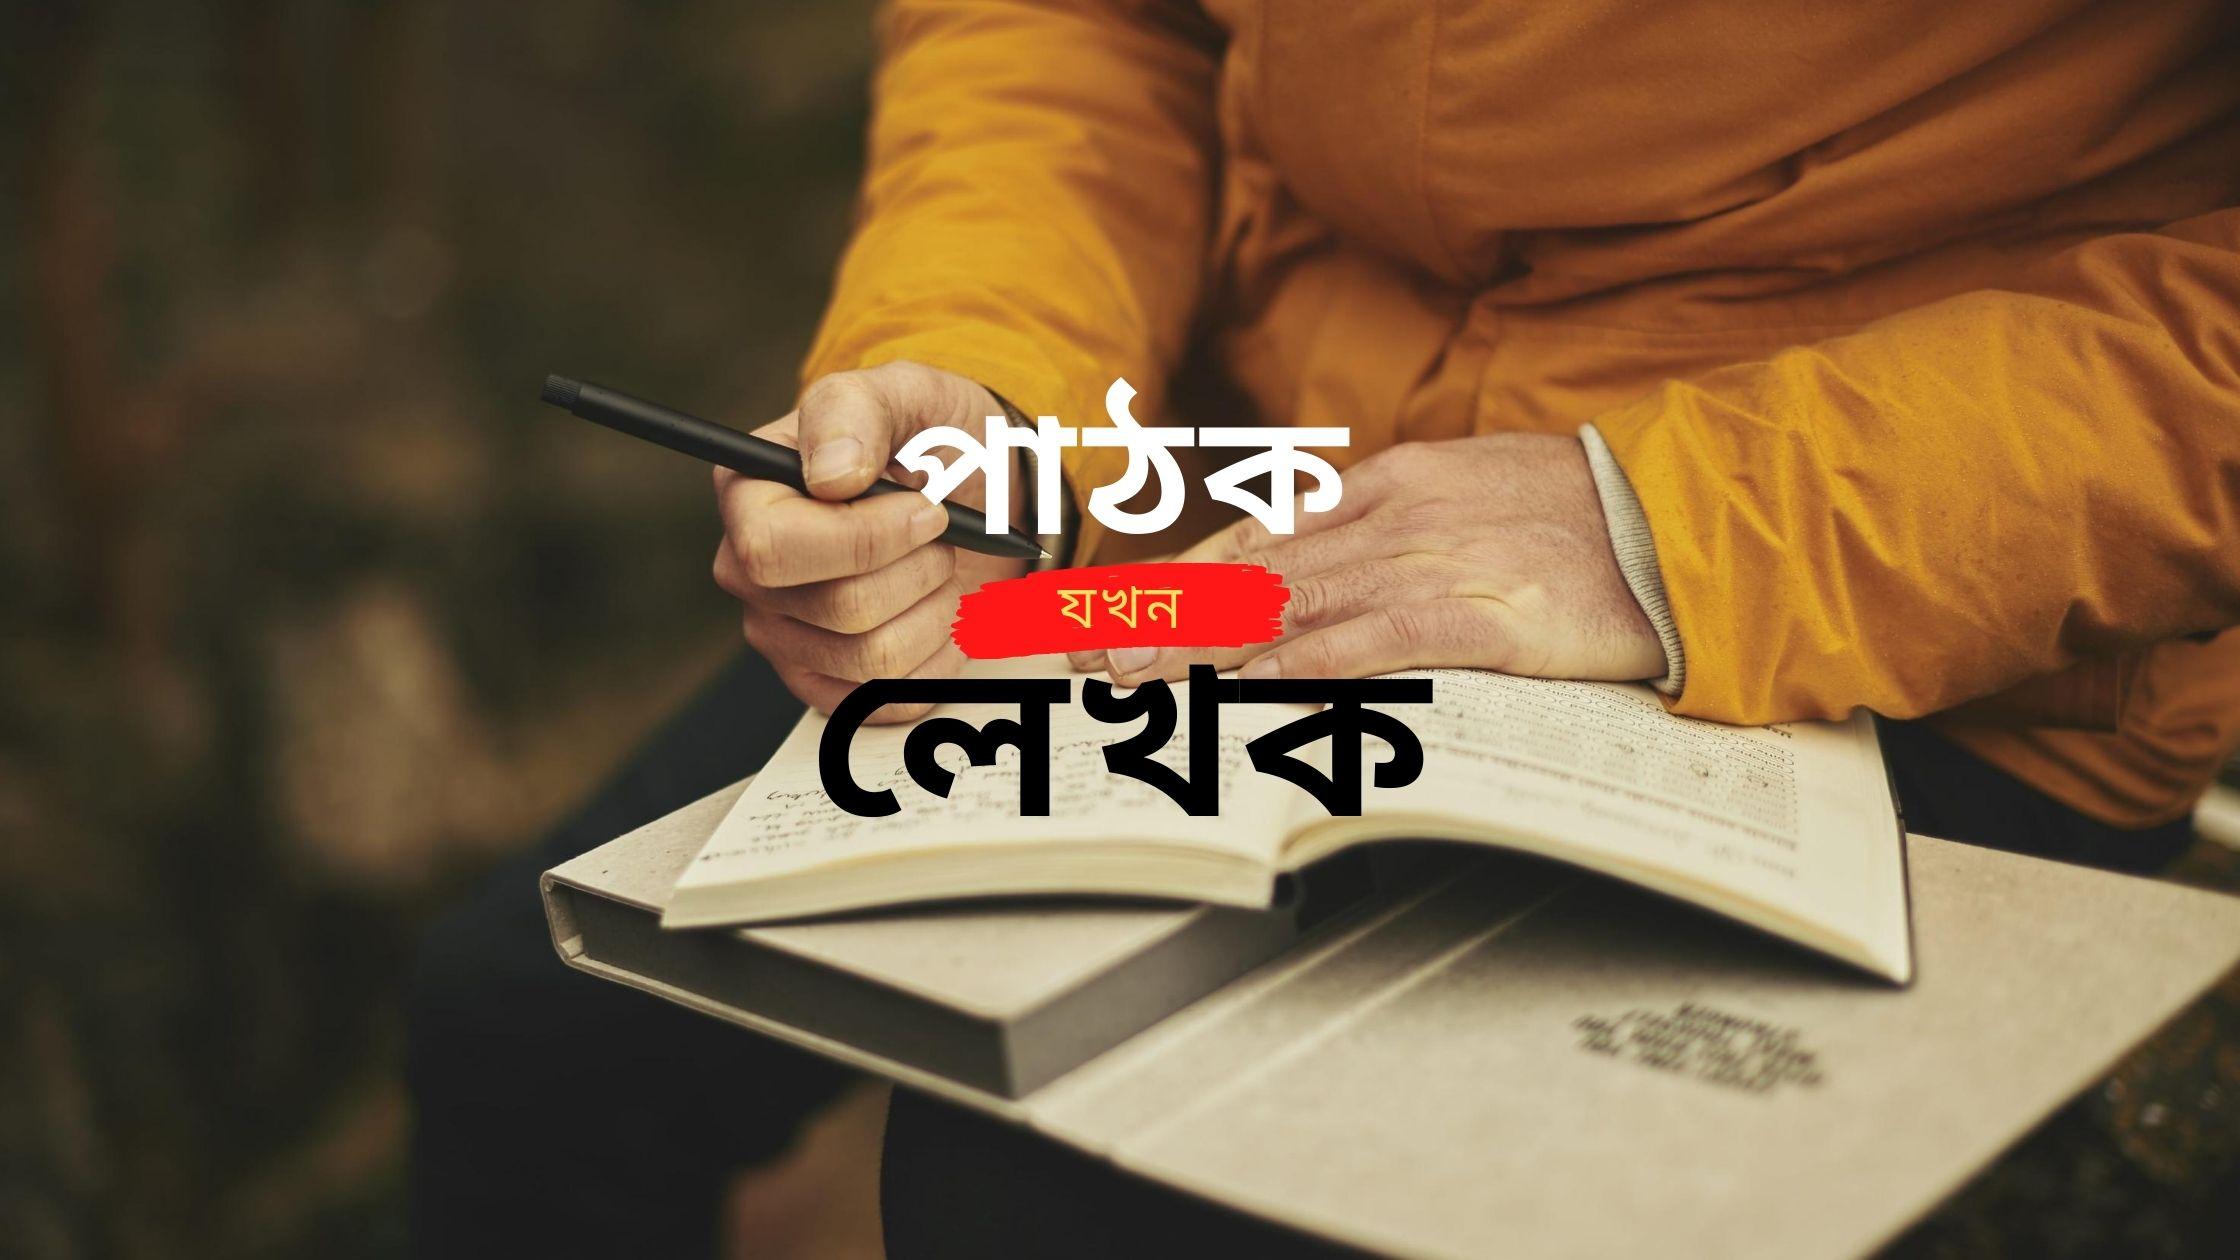 pathok-lekhok-banner